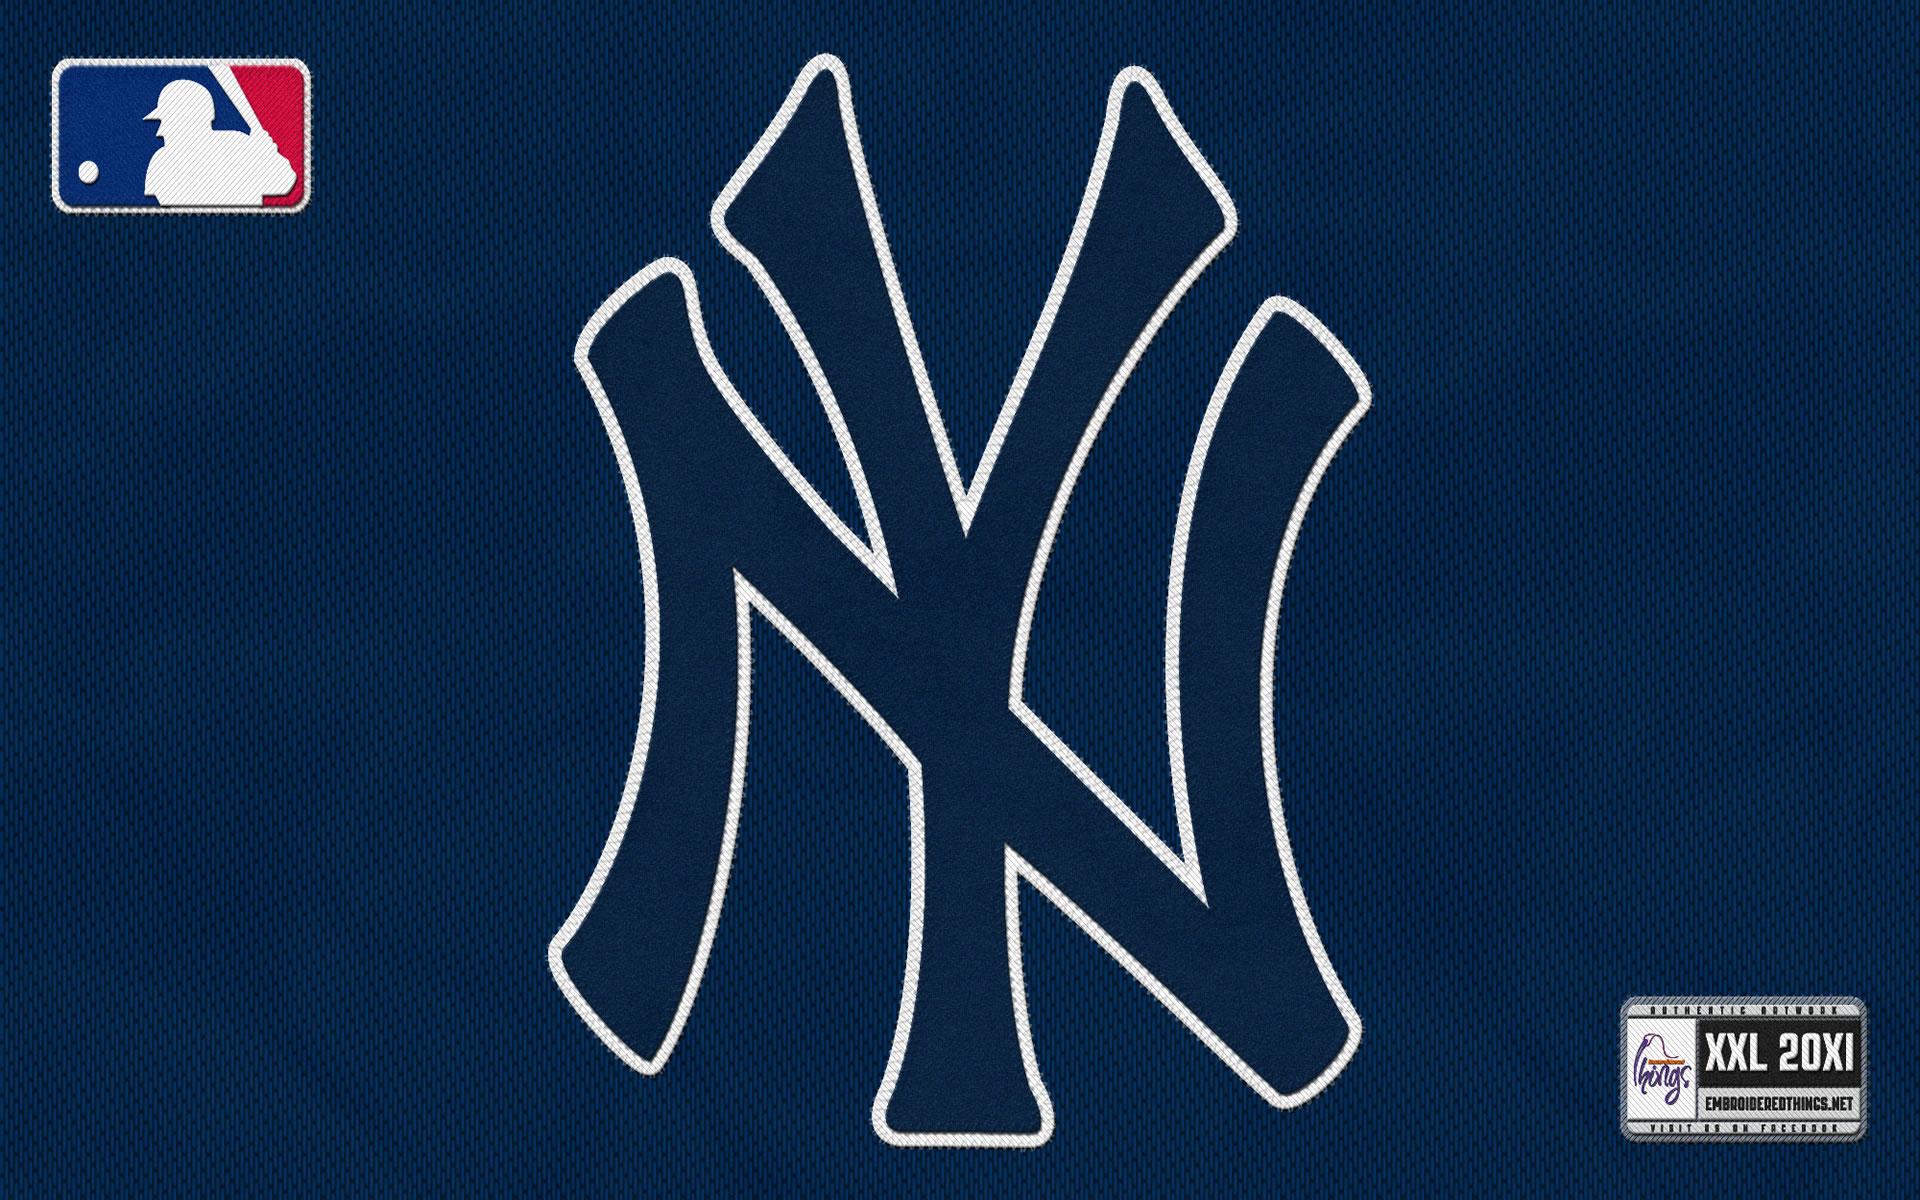 Fondo New York Yankees